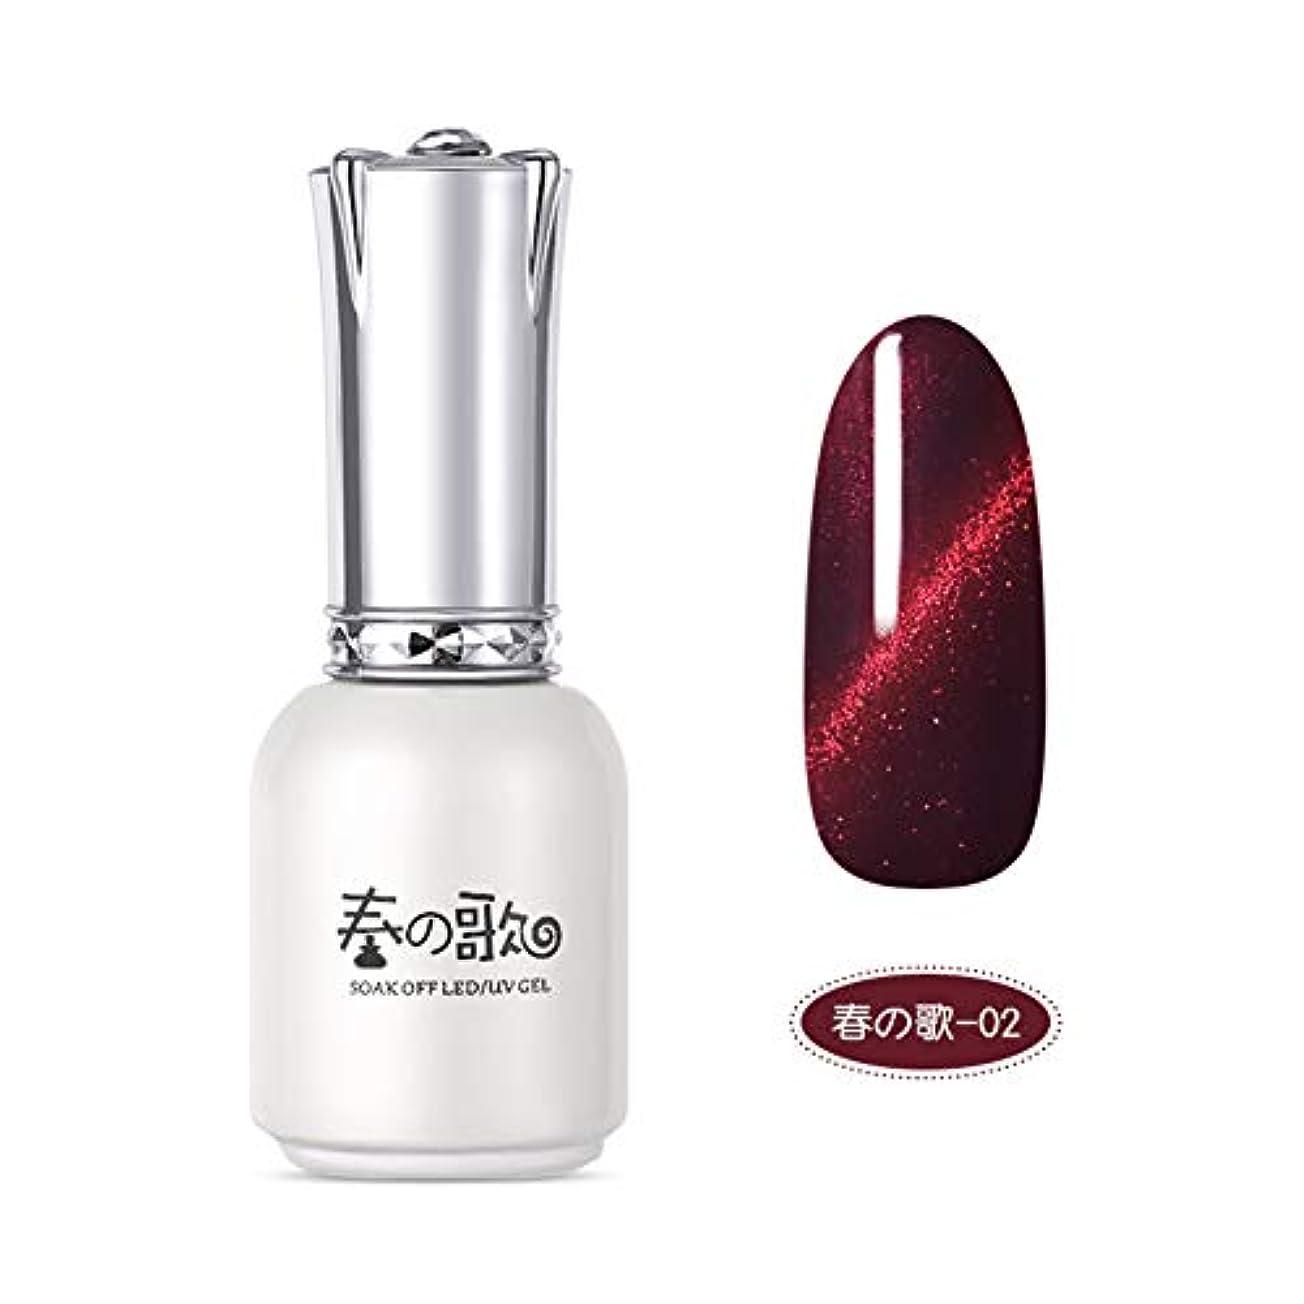 忌み嫌うお香もちろん春の歌 キャッツアイジェル 磁石で模様が変わる 全7色 ラメ入り 赤 カラージェルUV/LED対応 マニキュア 4ボトル 7.5ml セルフネイルアート [並行輸入品]